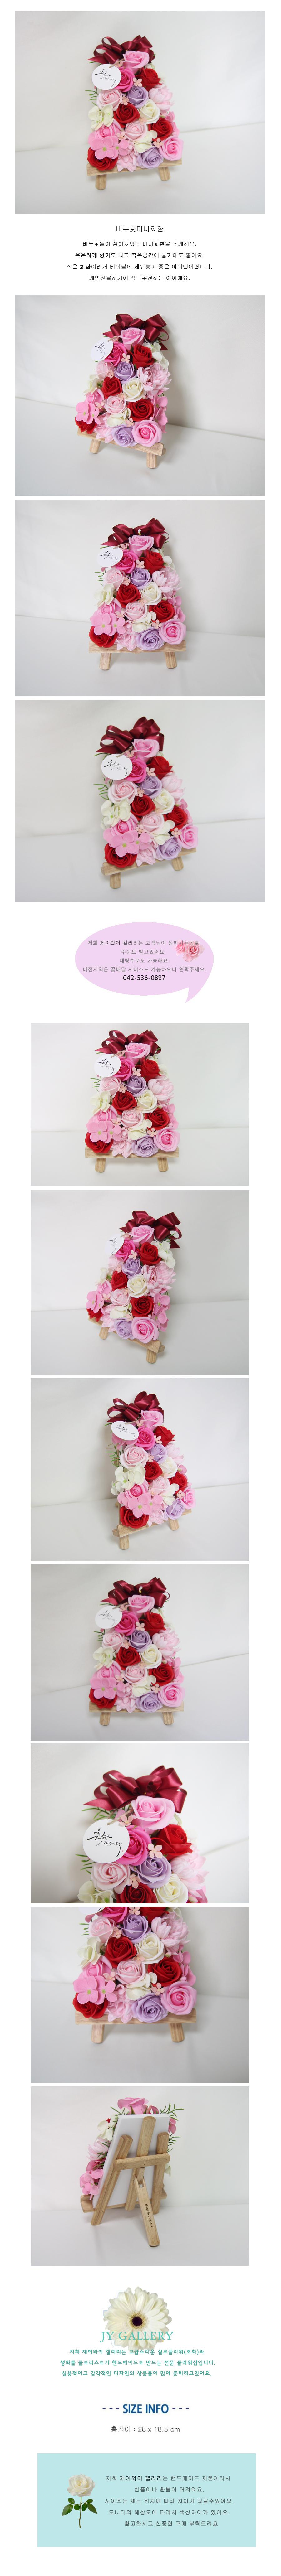 비누꽃 미니화환 - 제이와이갤러리, 24,900원, 조화, 비누꽃